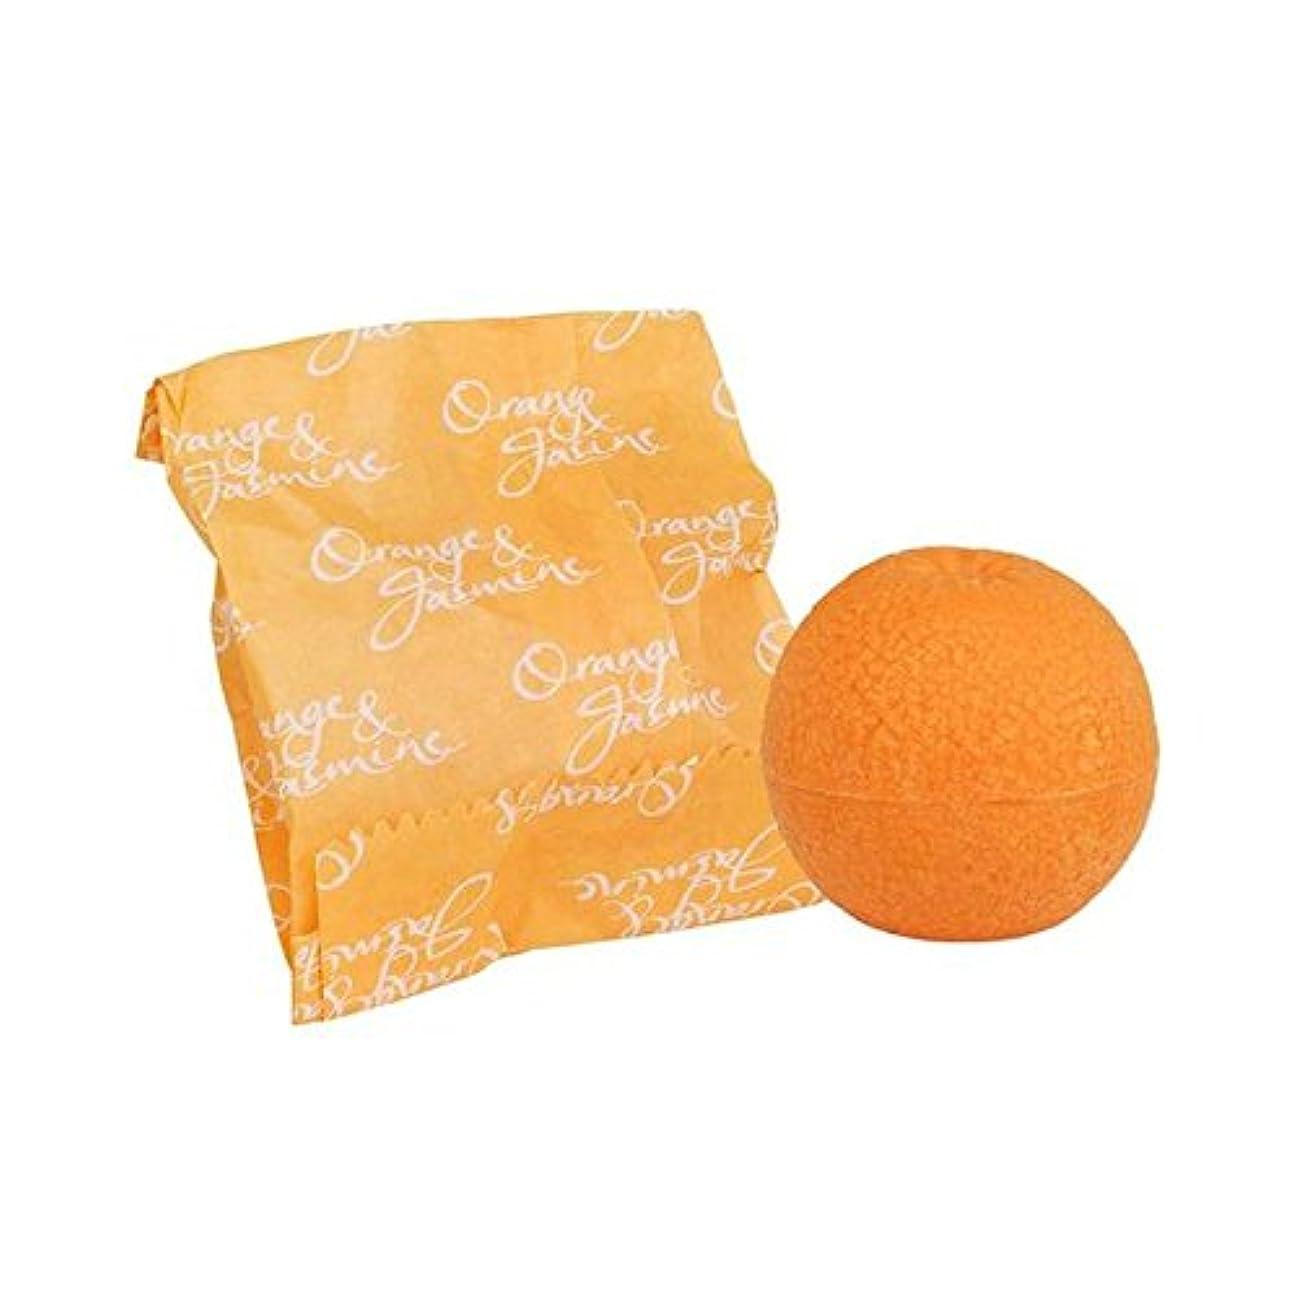 政治家の同性愛者小説家オレンジ&ジャスミン石鹸100グラム x2 - Bronnley Orange & Jasmine Soap 100g (Pack of 2) [並行輸入品]